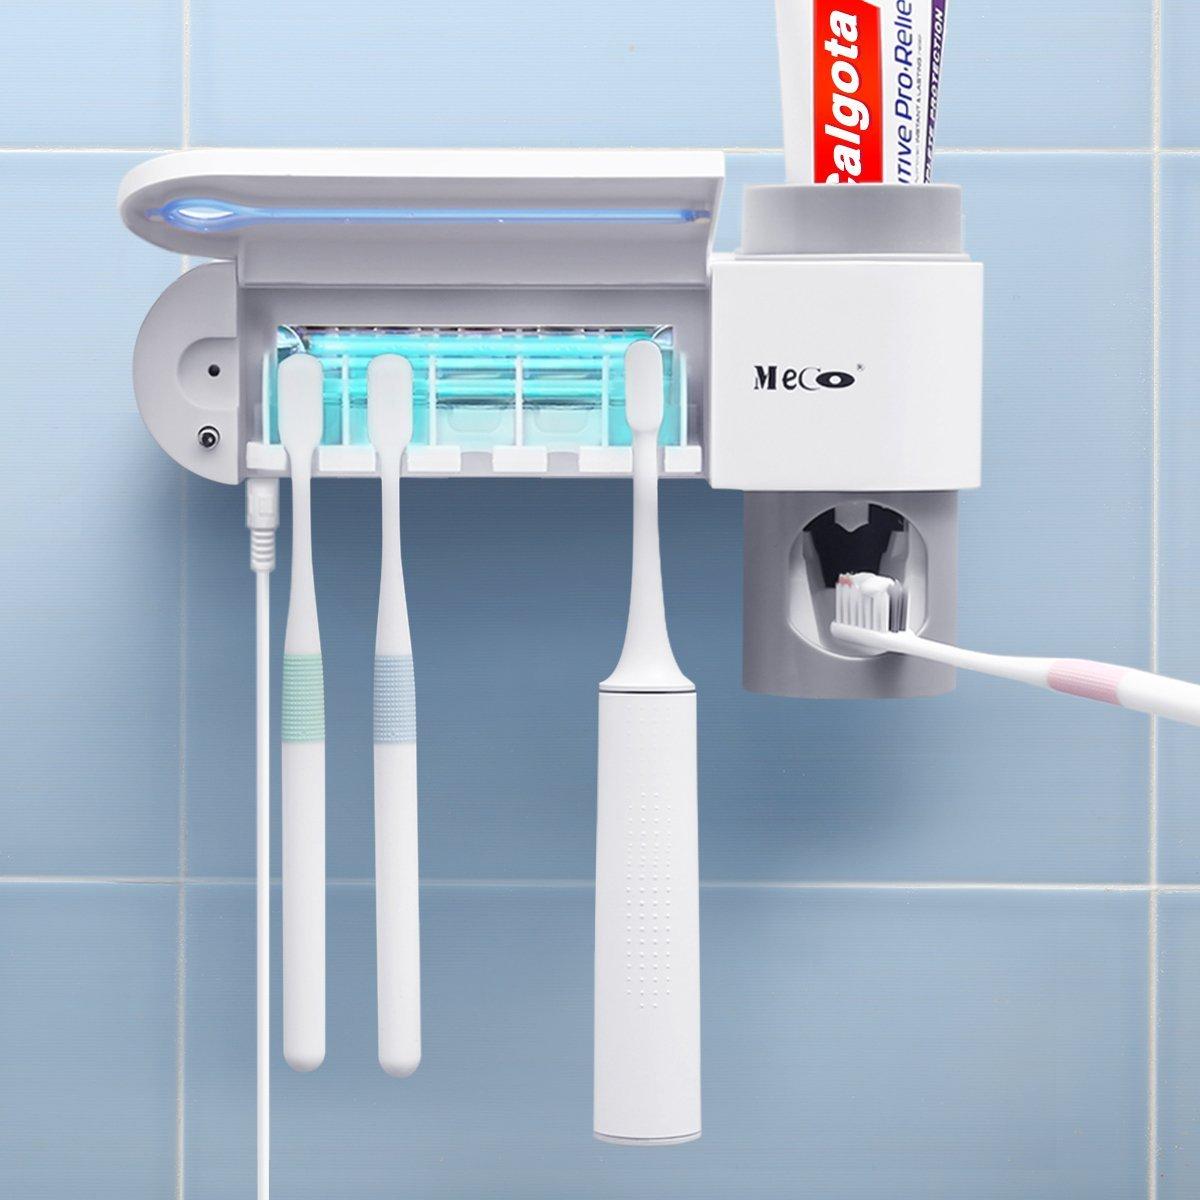 歯ブラシ除菌器のおすすめ7選!除菌庫・携帯除菌ケースも